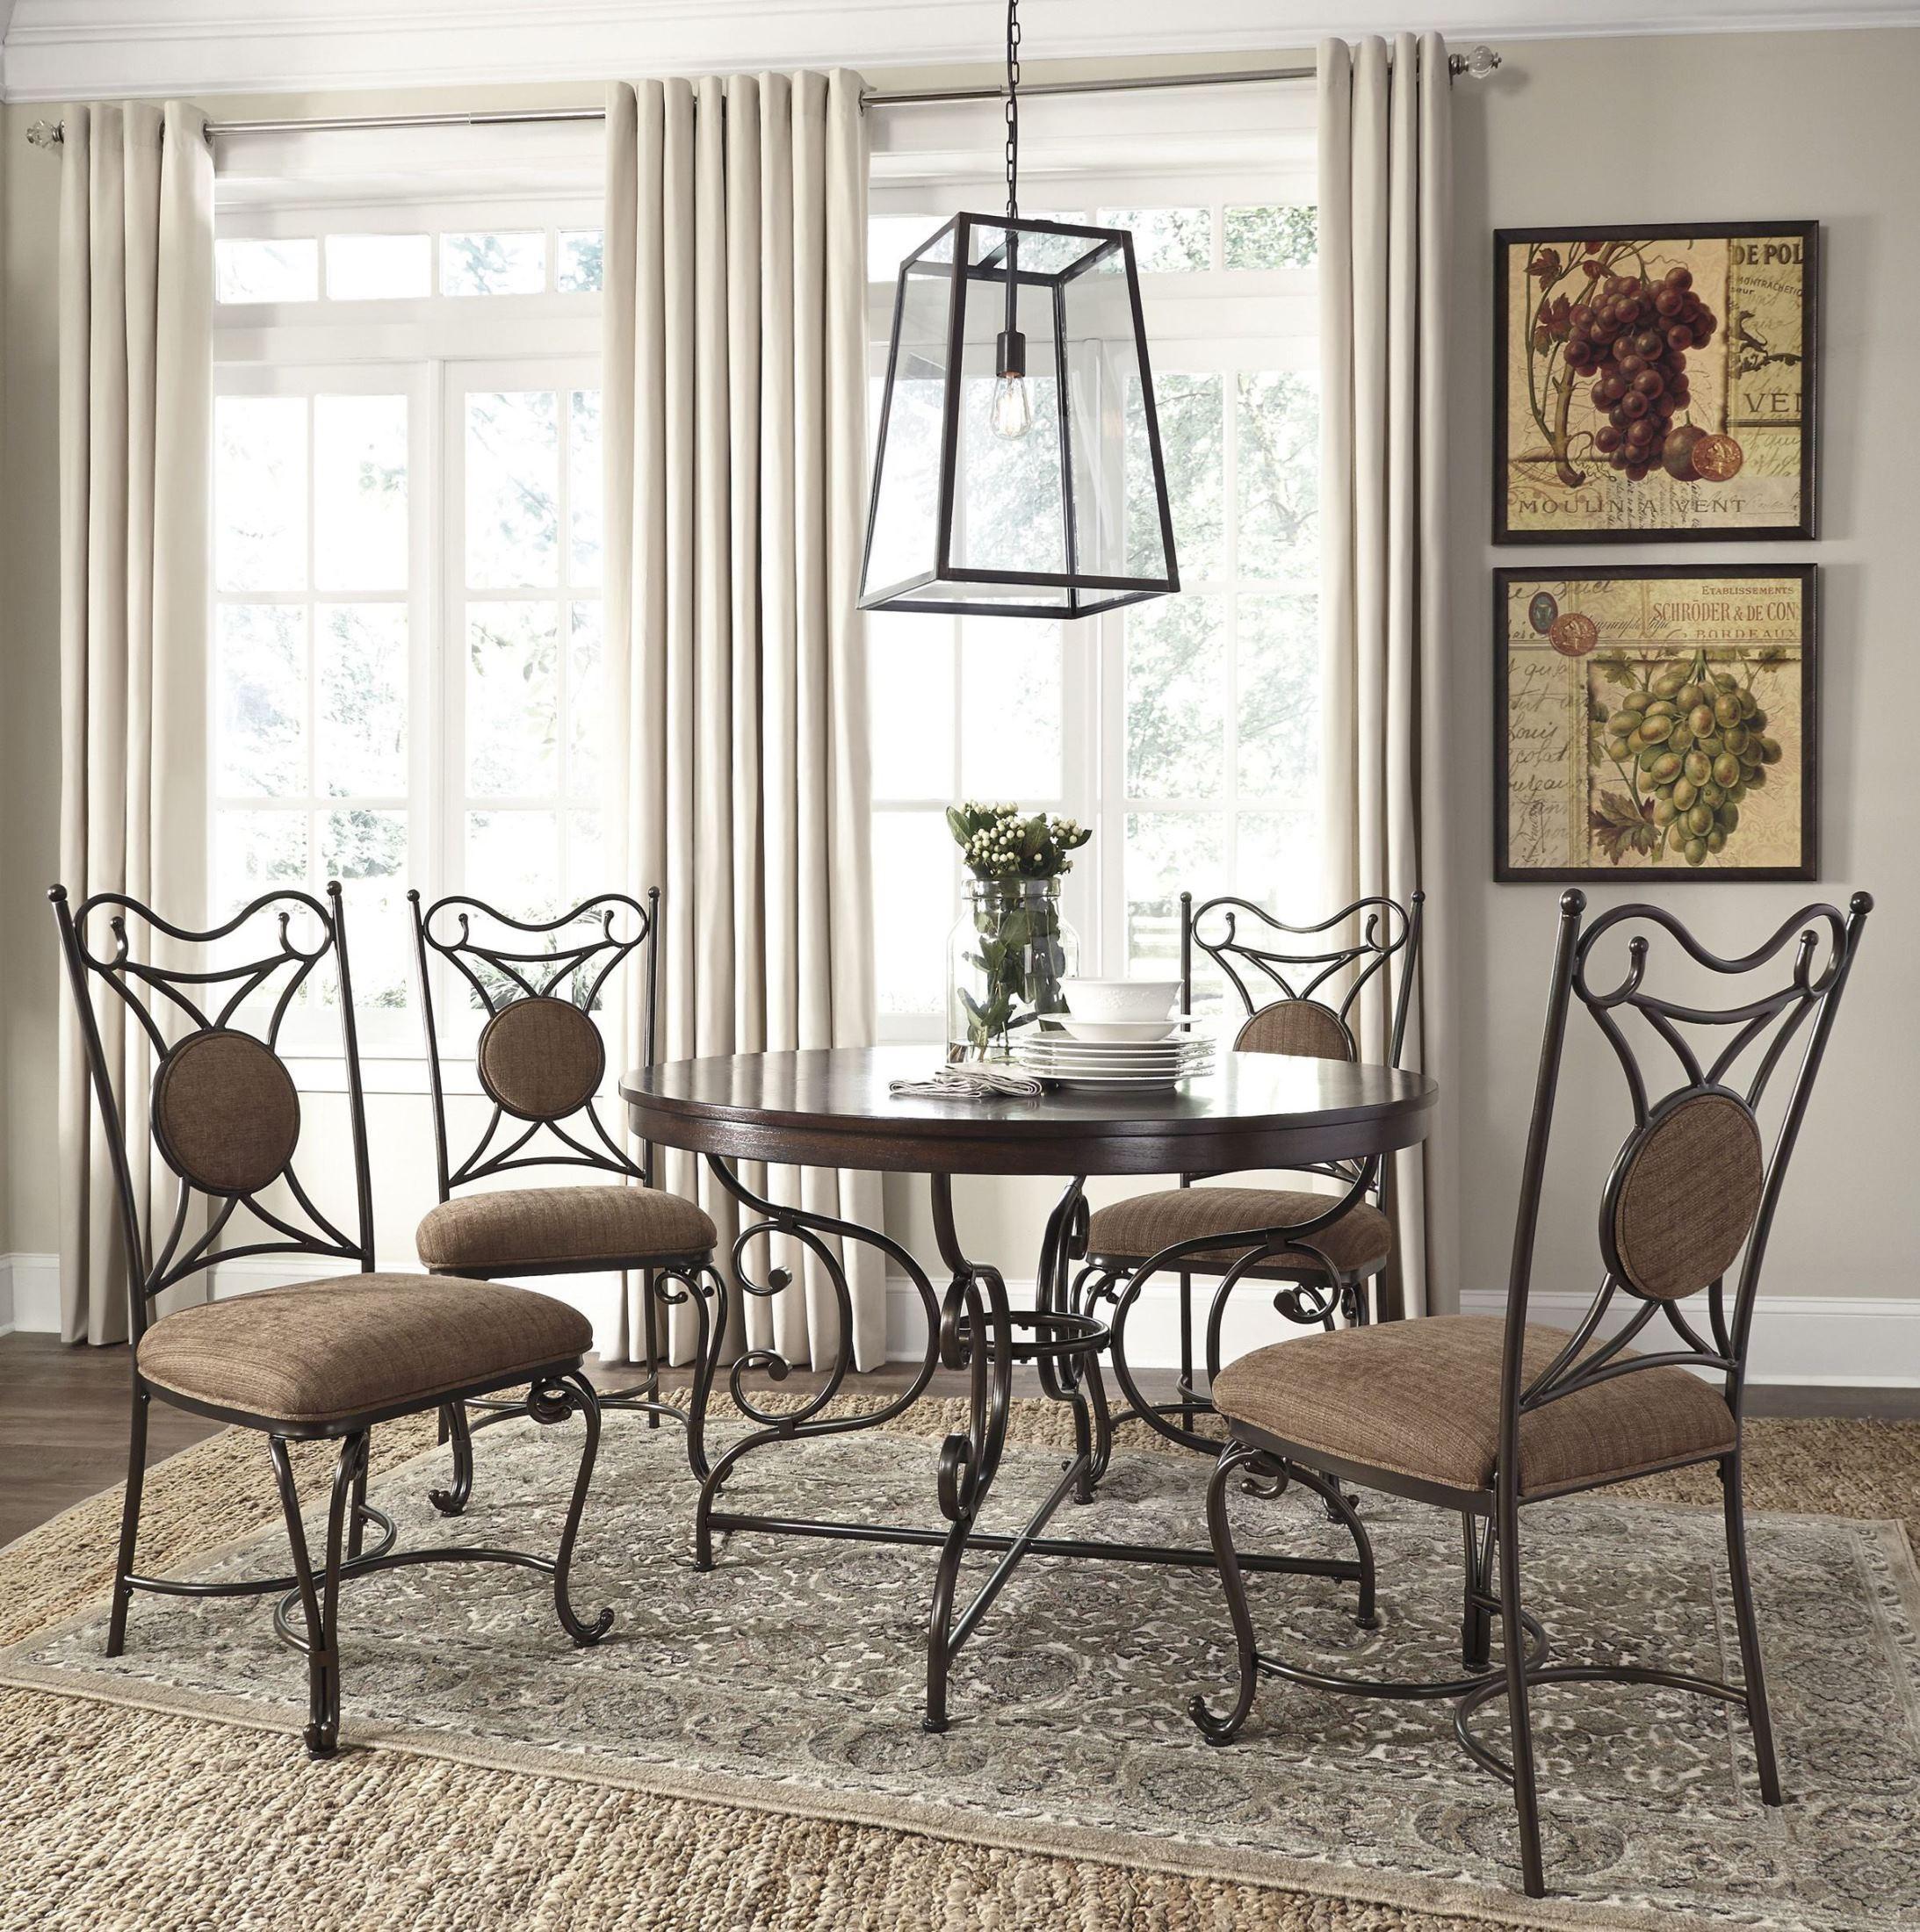 Brulind brown round dining room set d584 15 ashley for Brown dining room set